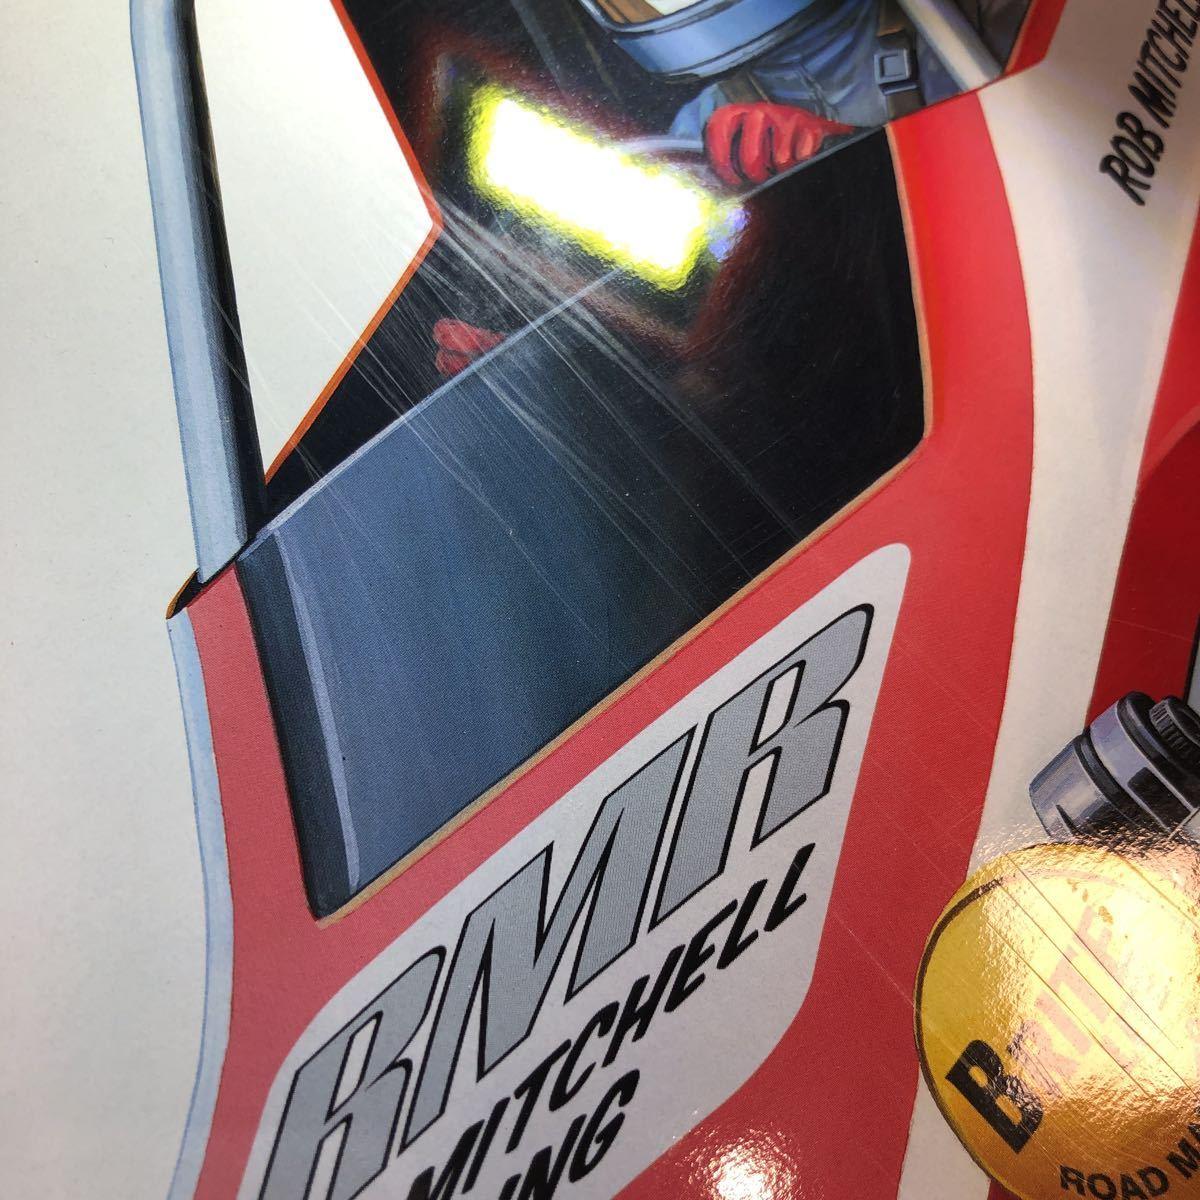 タミヤ 復刻版ワーゲンオフローダー・バギーチャンプ ・ファイティングバギー3点セット+バギーチャンプ ボールデフセットⅡ新品未組立て